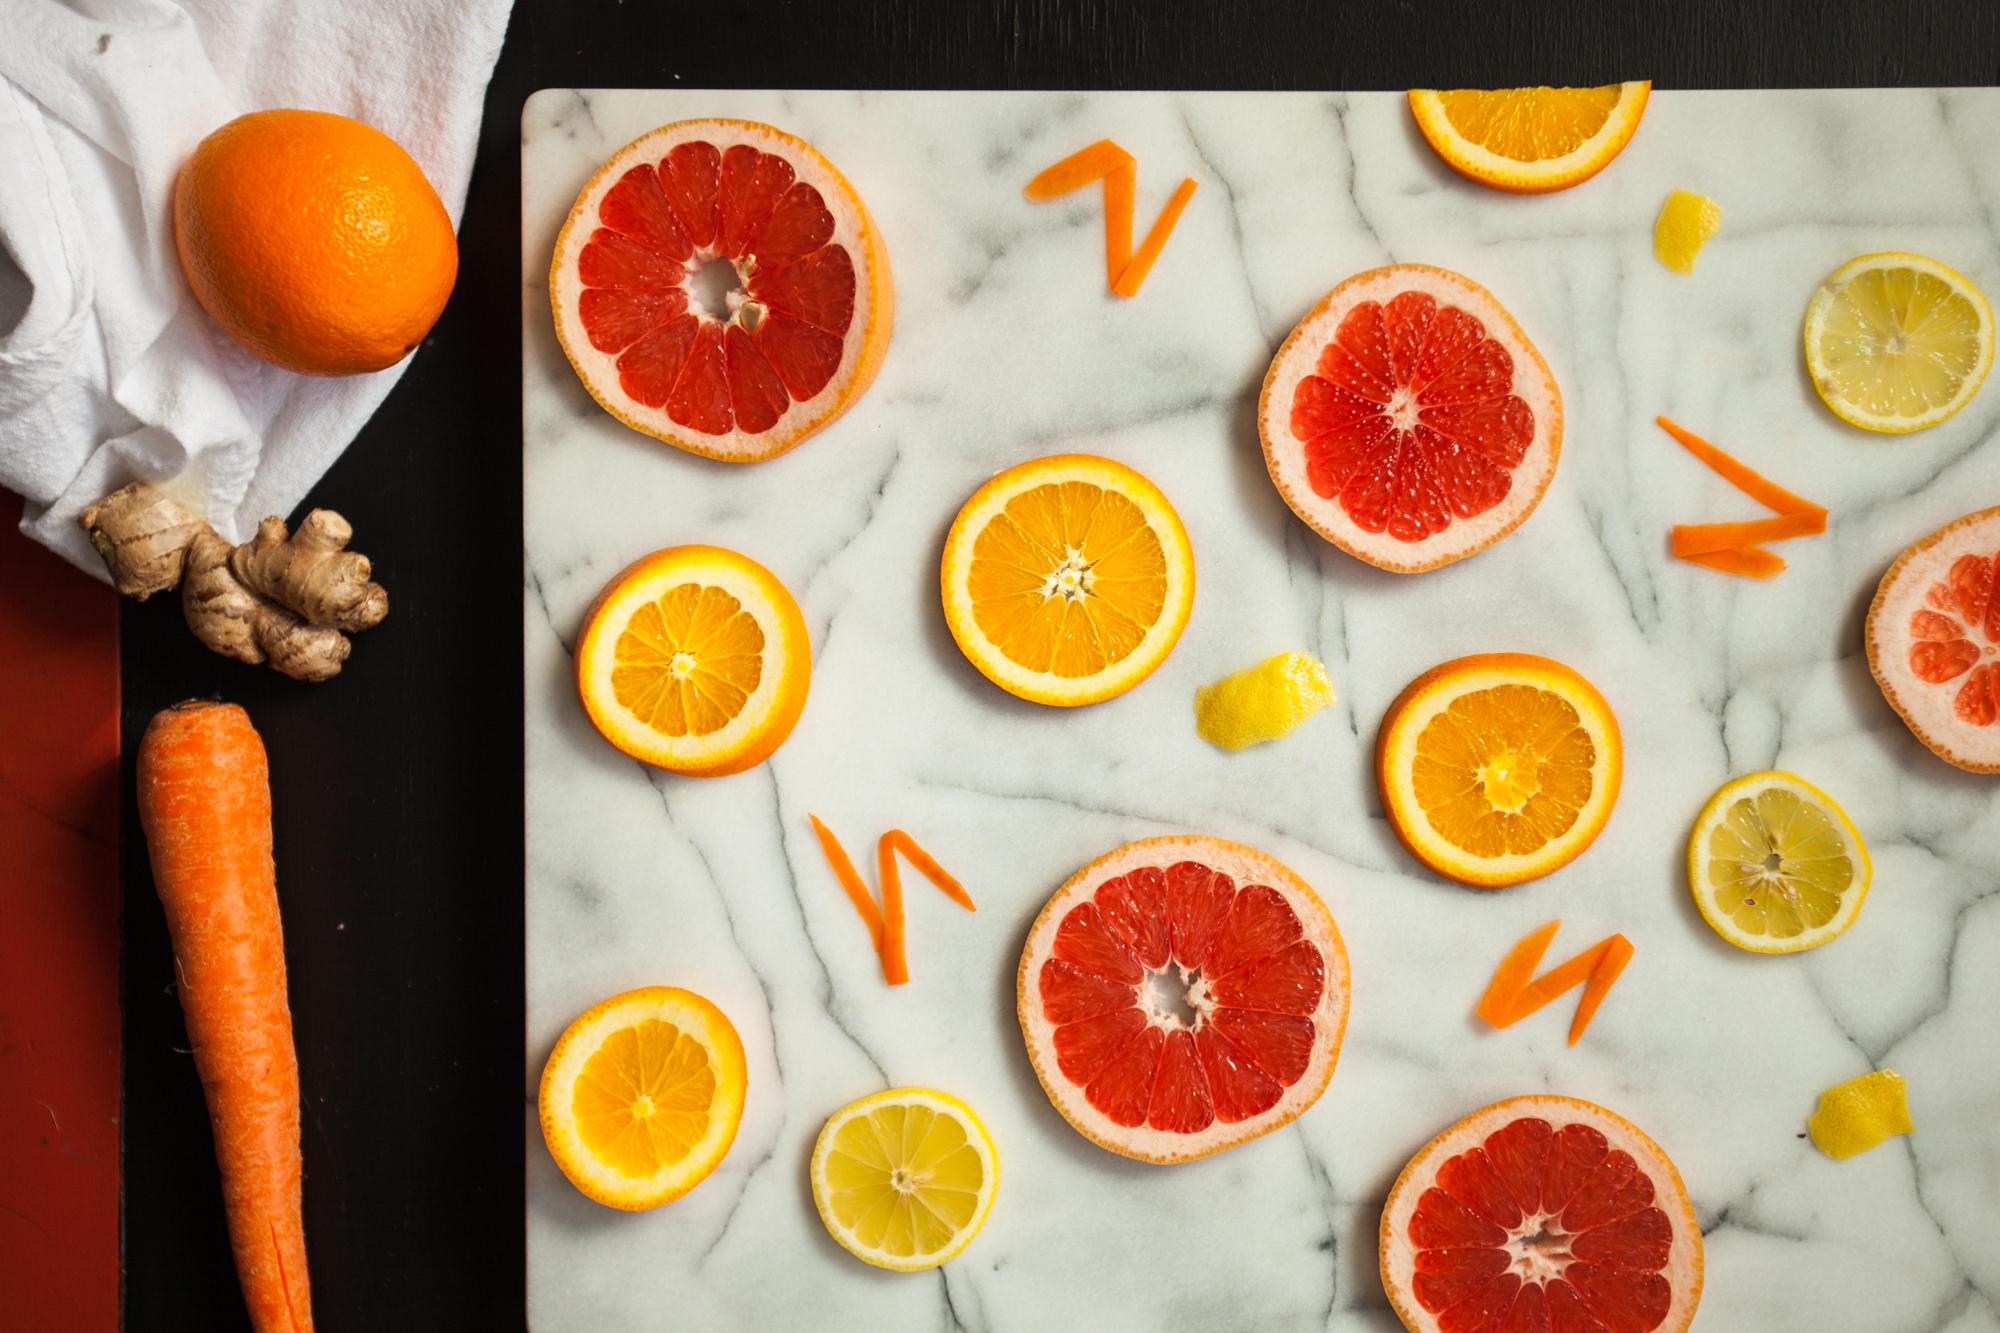 ginger-grapefruit-recipe-2.jpg